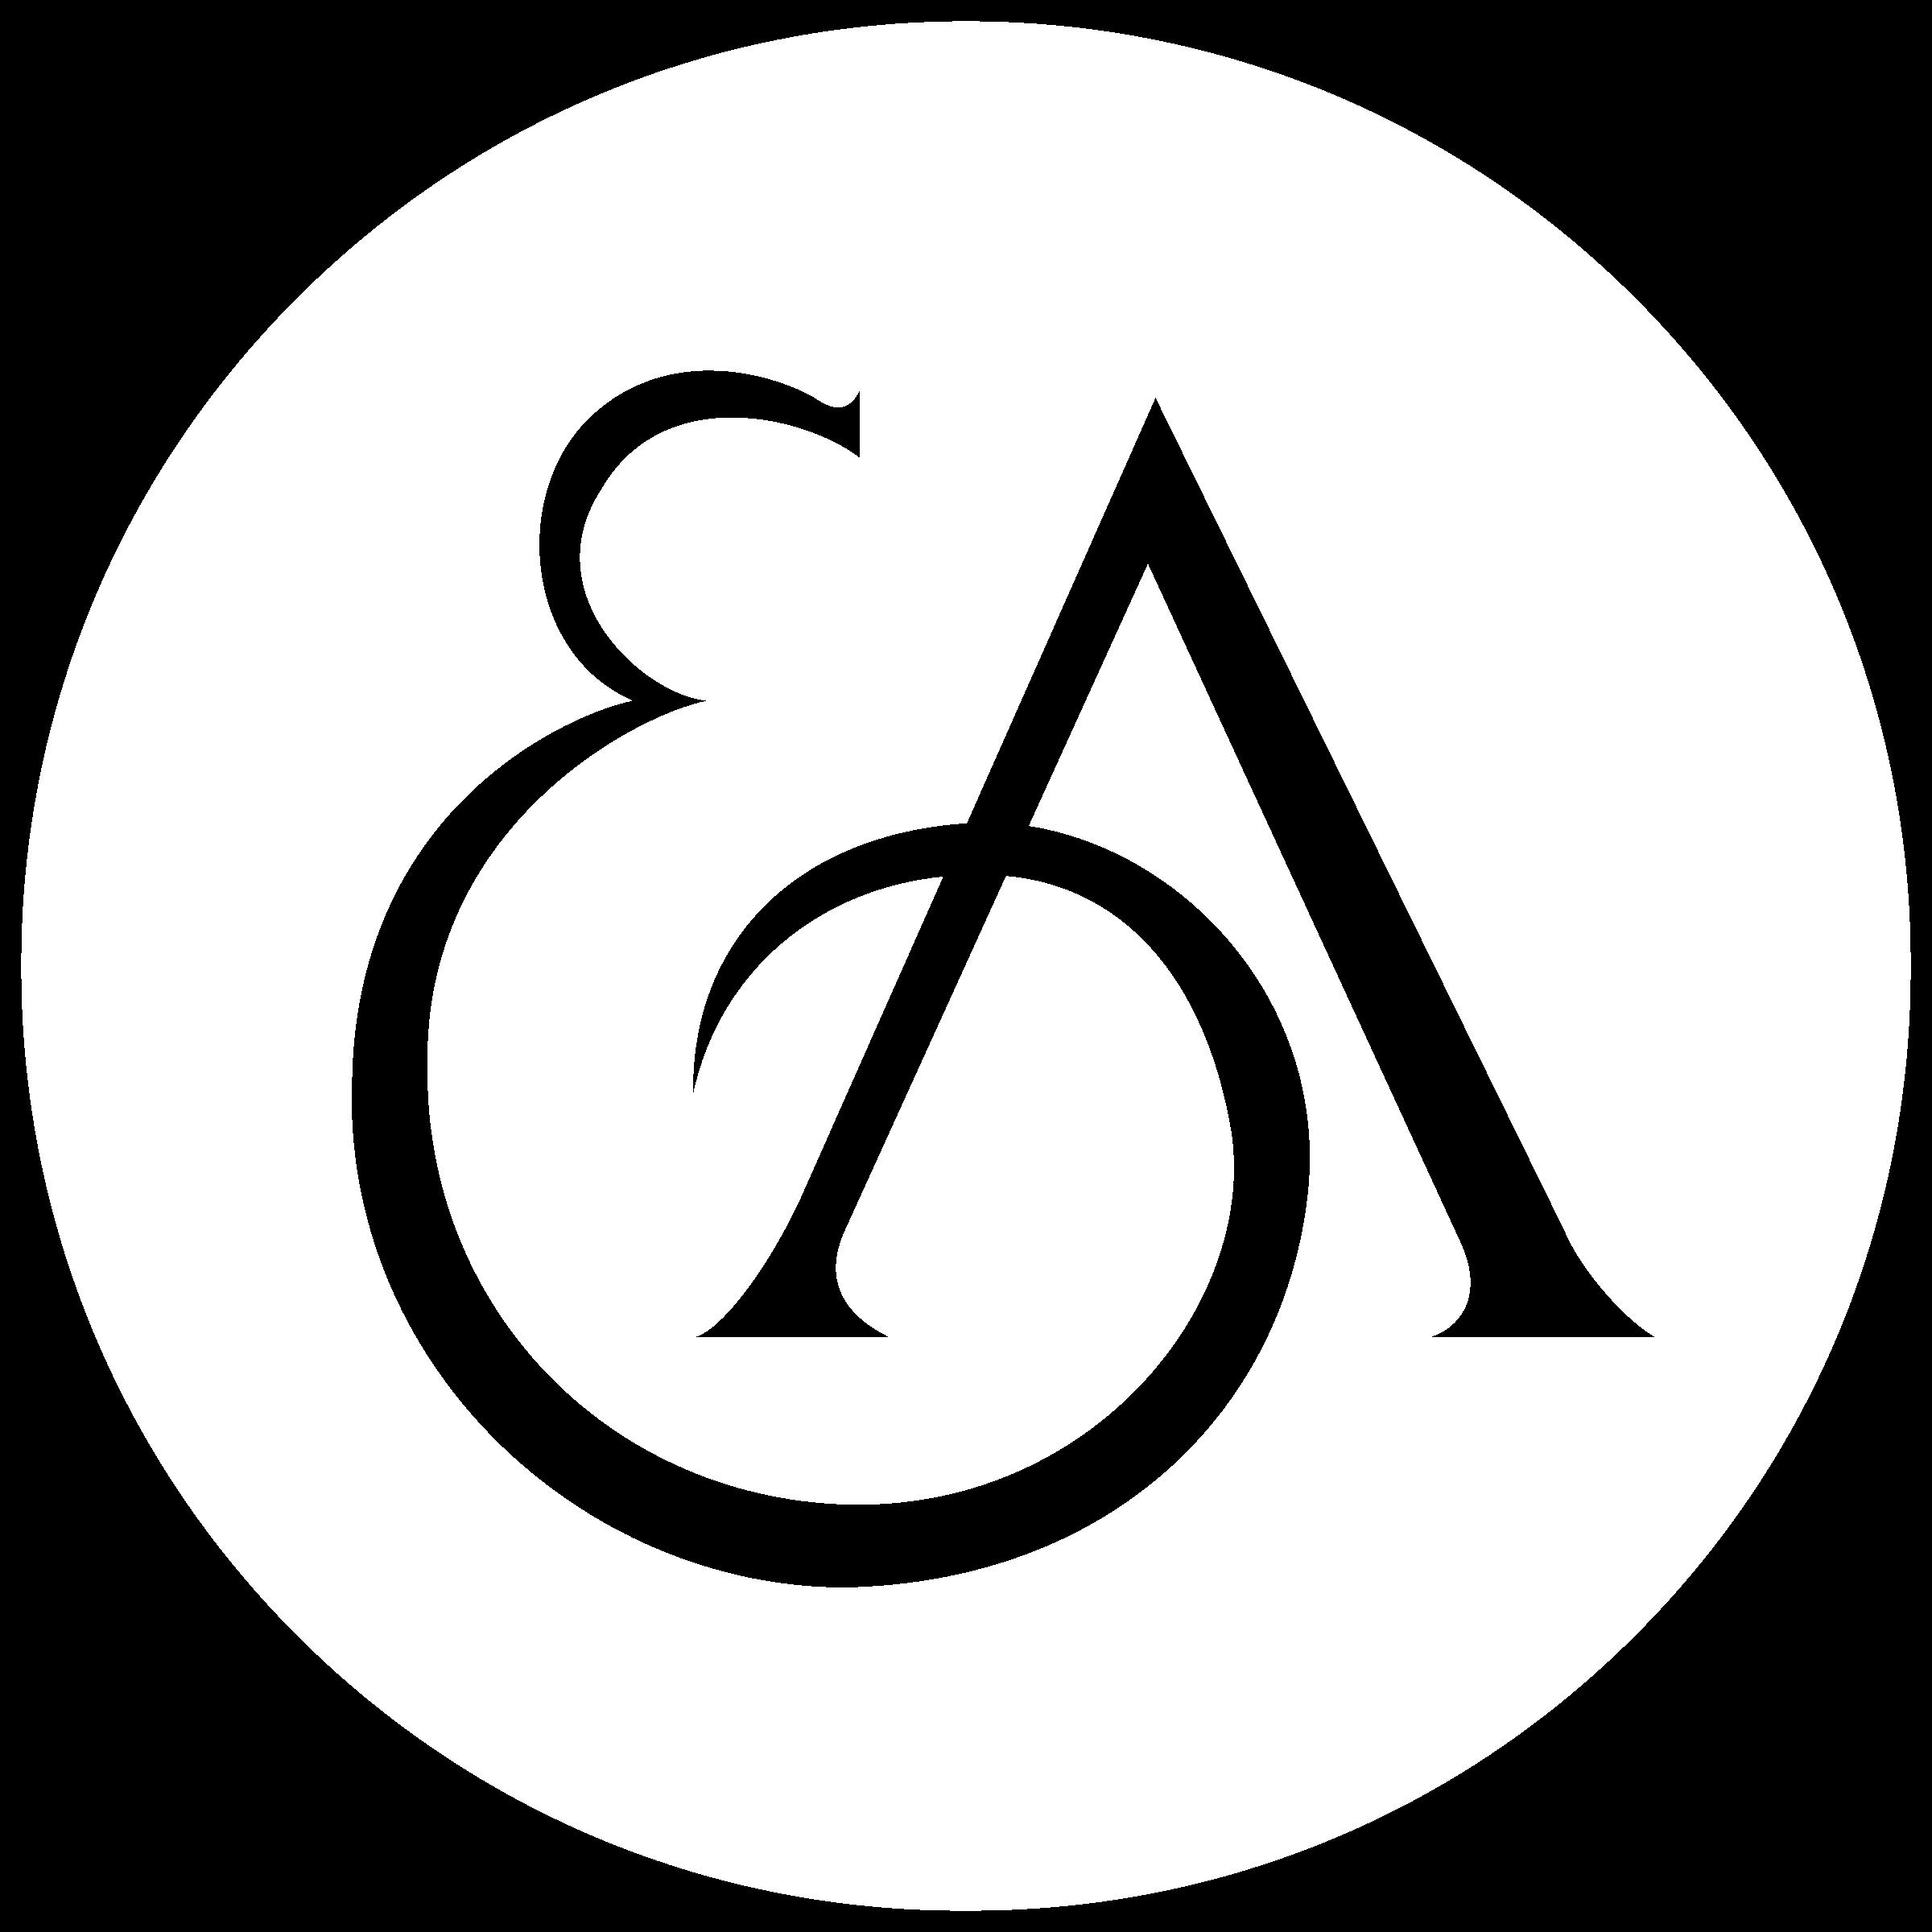 ETHAN ALLEN 1 Logo PNG Transparent & SVG Vector.